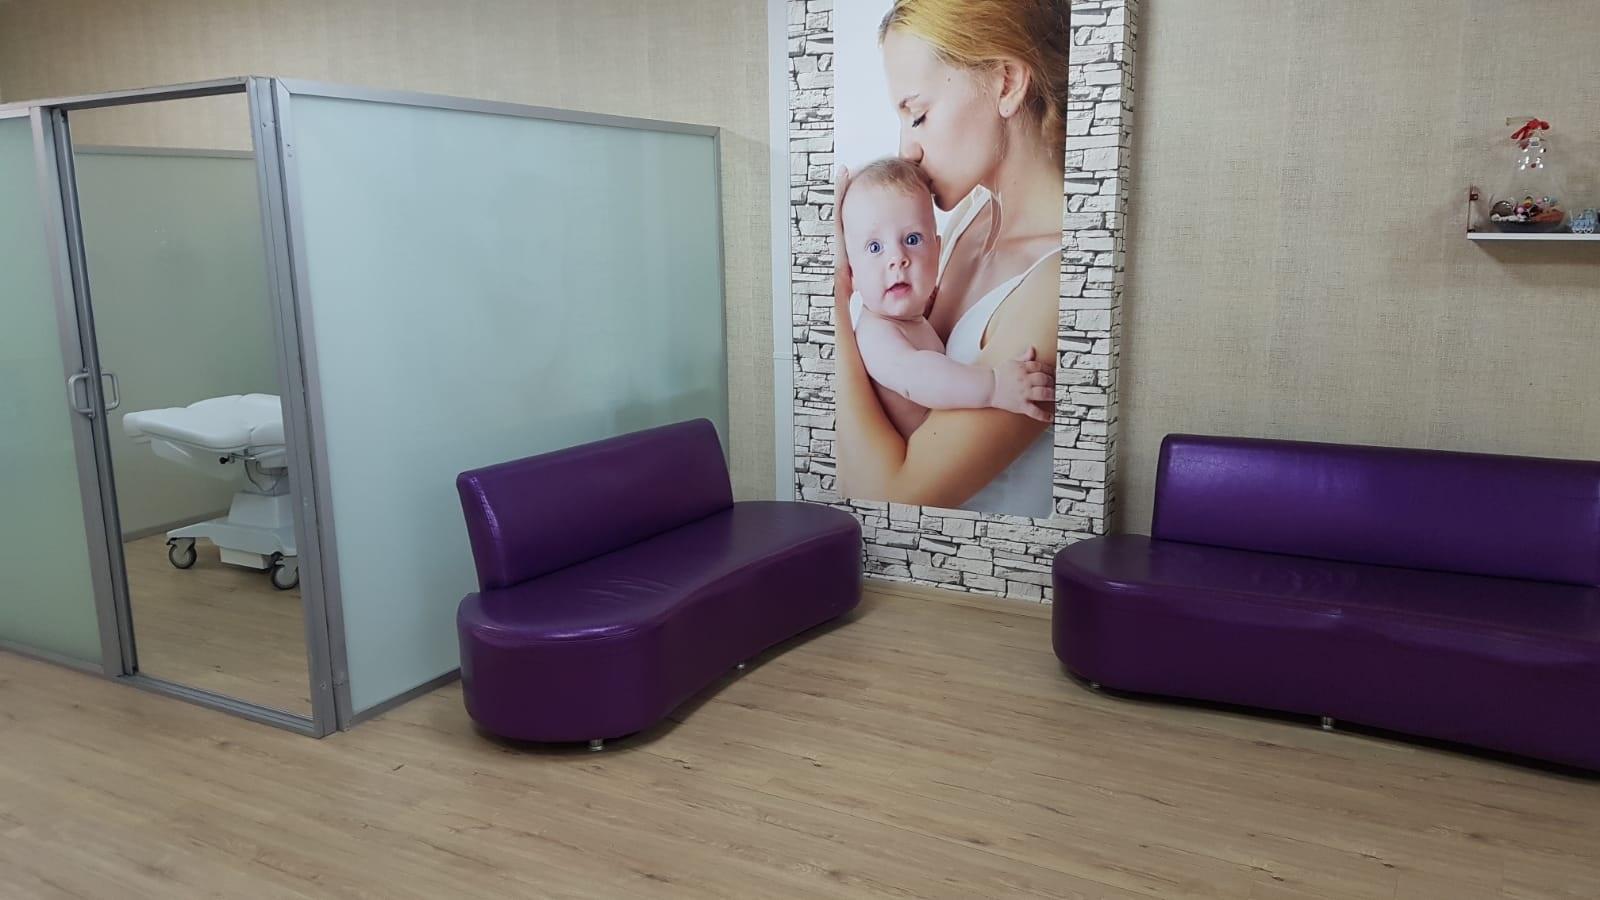 Tekirdağ Marmara Ereğlisi İlçe Devlet Hastanesinde Geleneksel ve Tamamlayıcı Tıp (GETAT) Ünitesi hizmet vermeye başladı